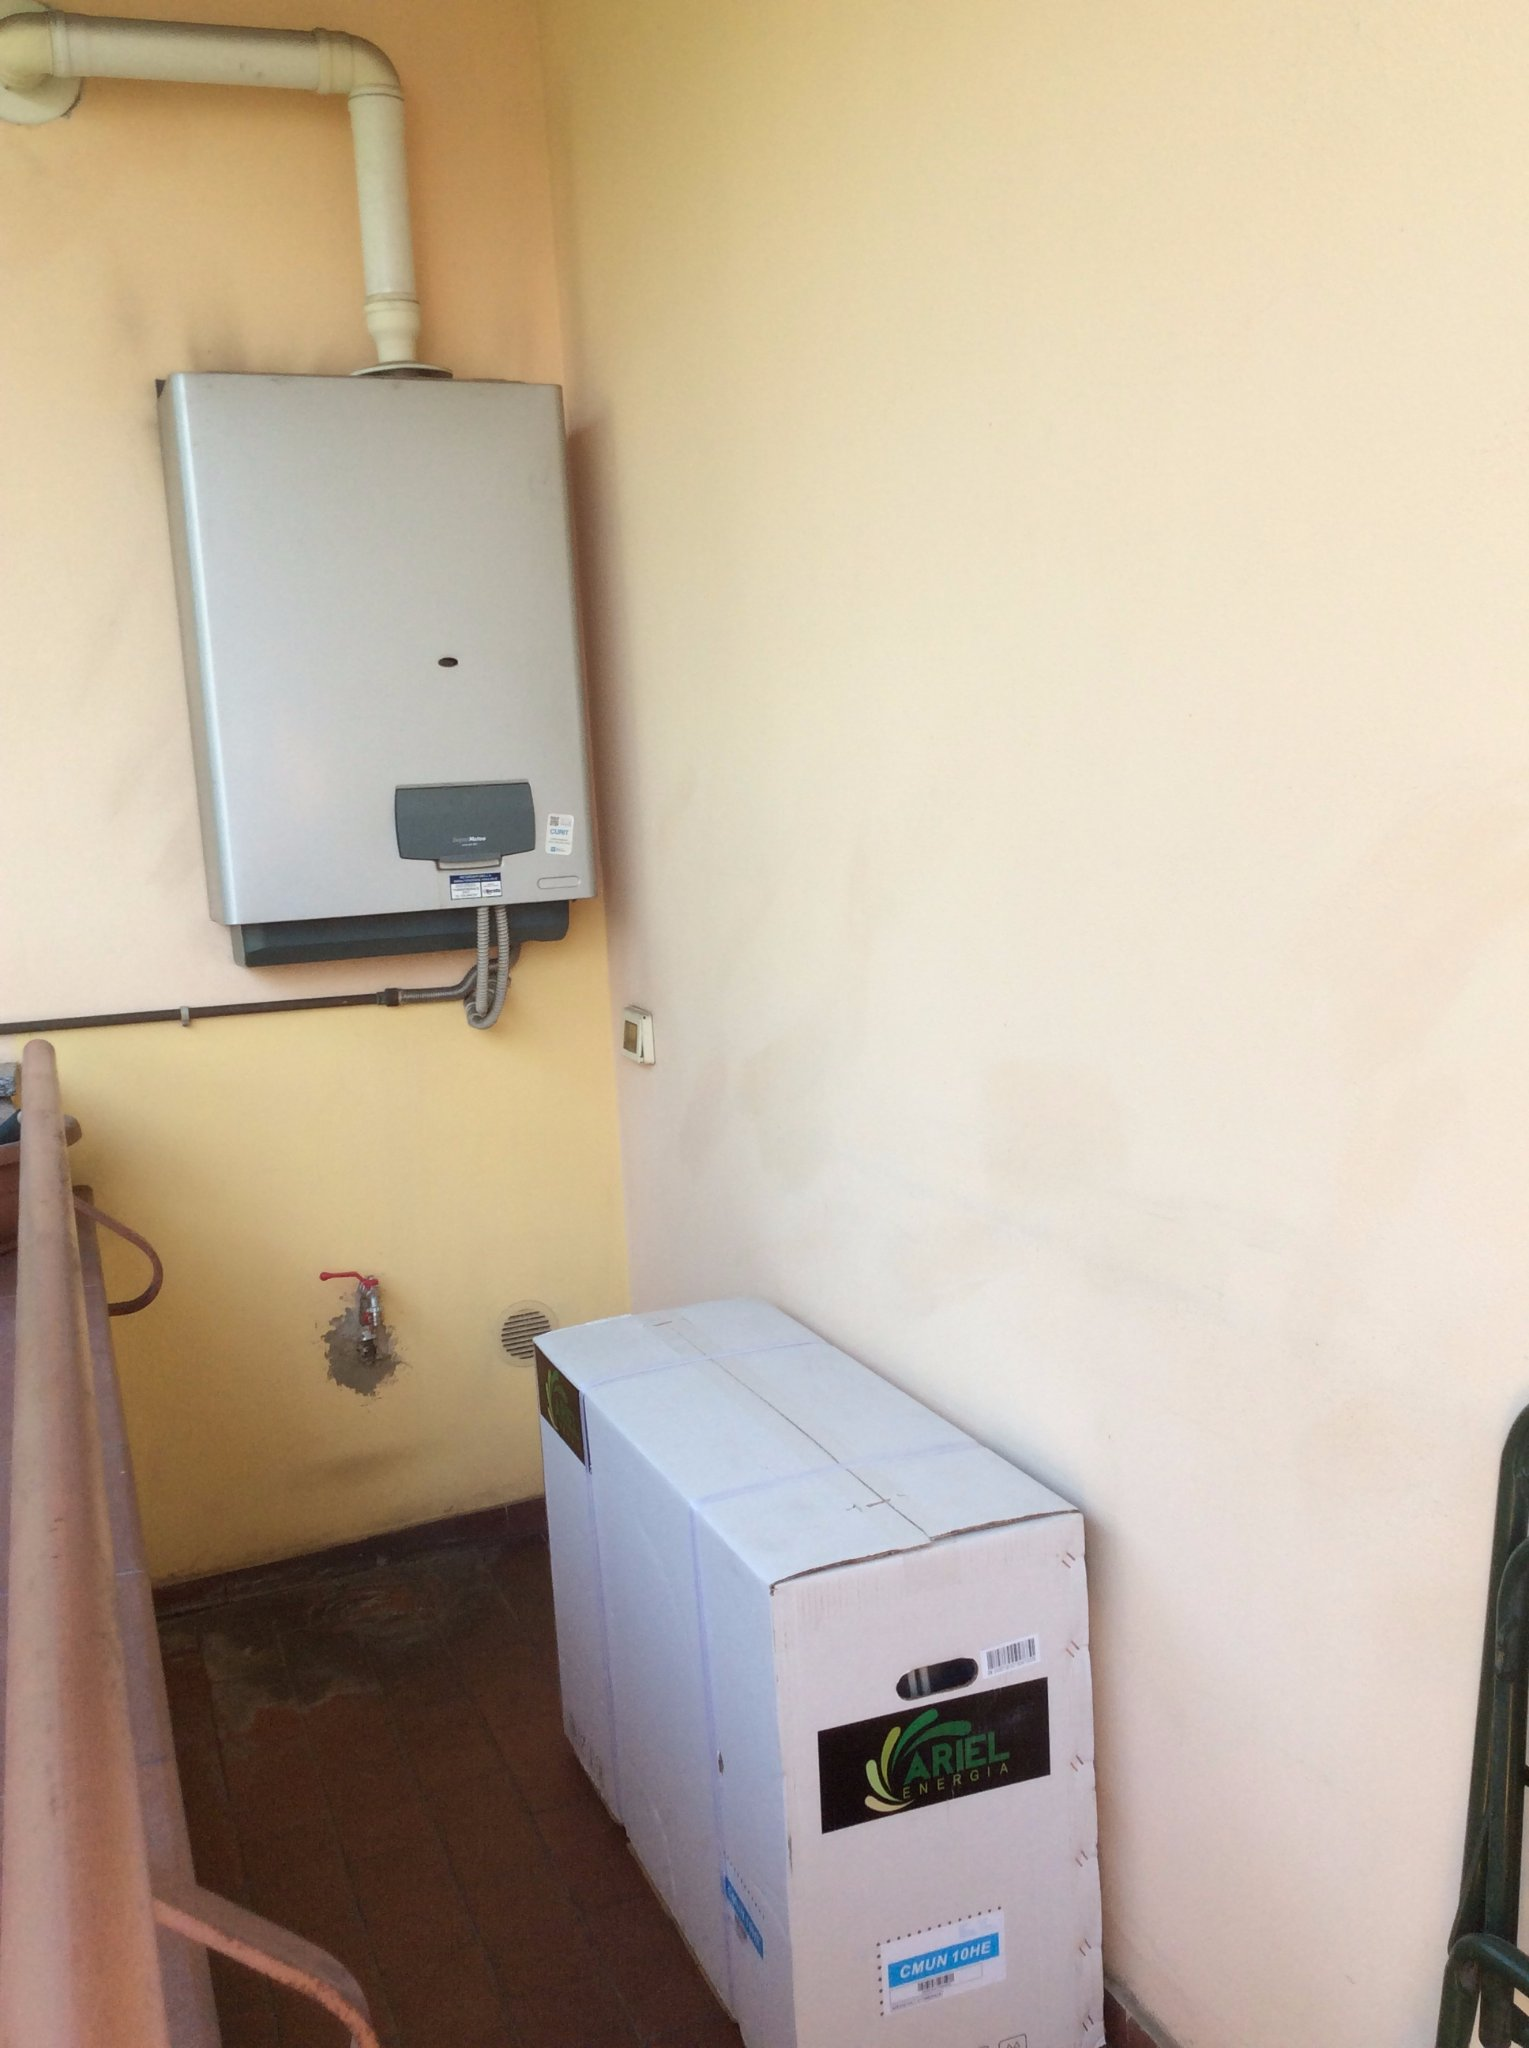 Installazione Condizionatore Ariel Energia Borea 10